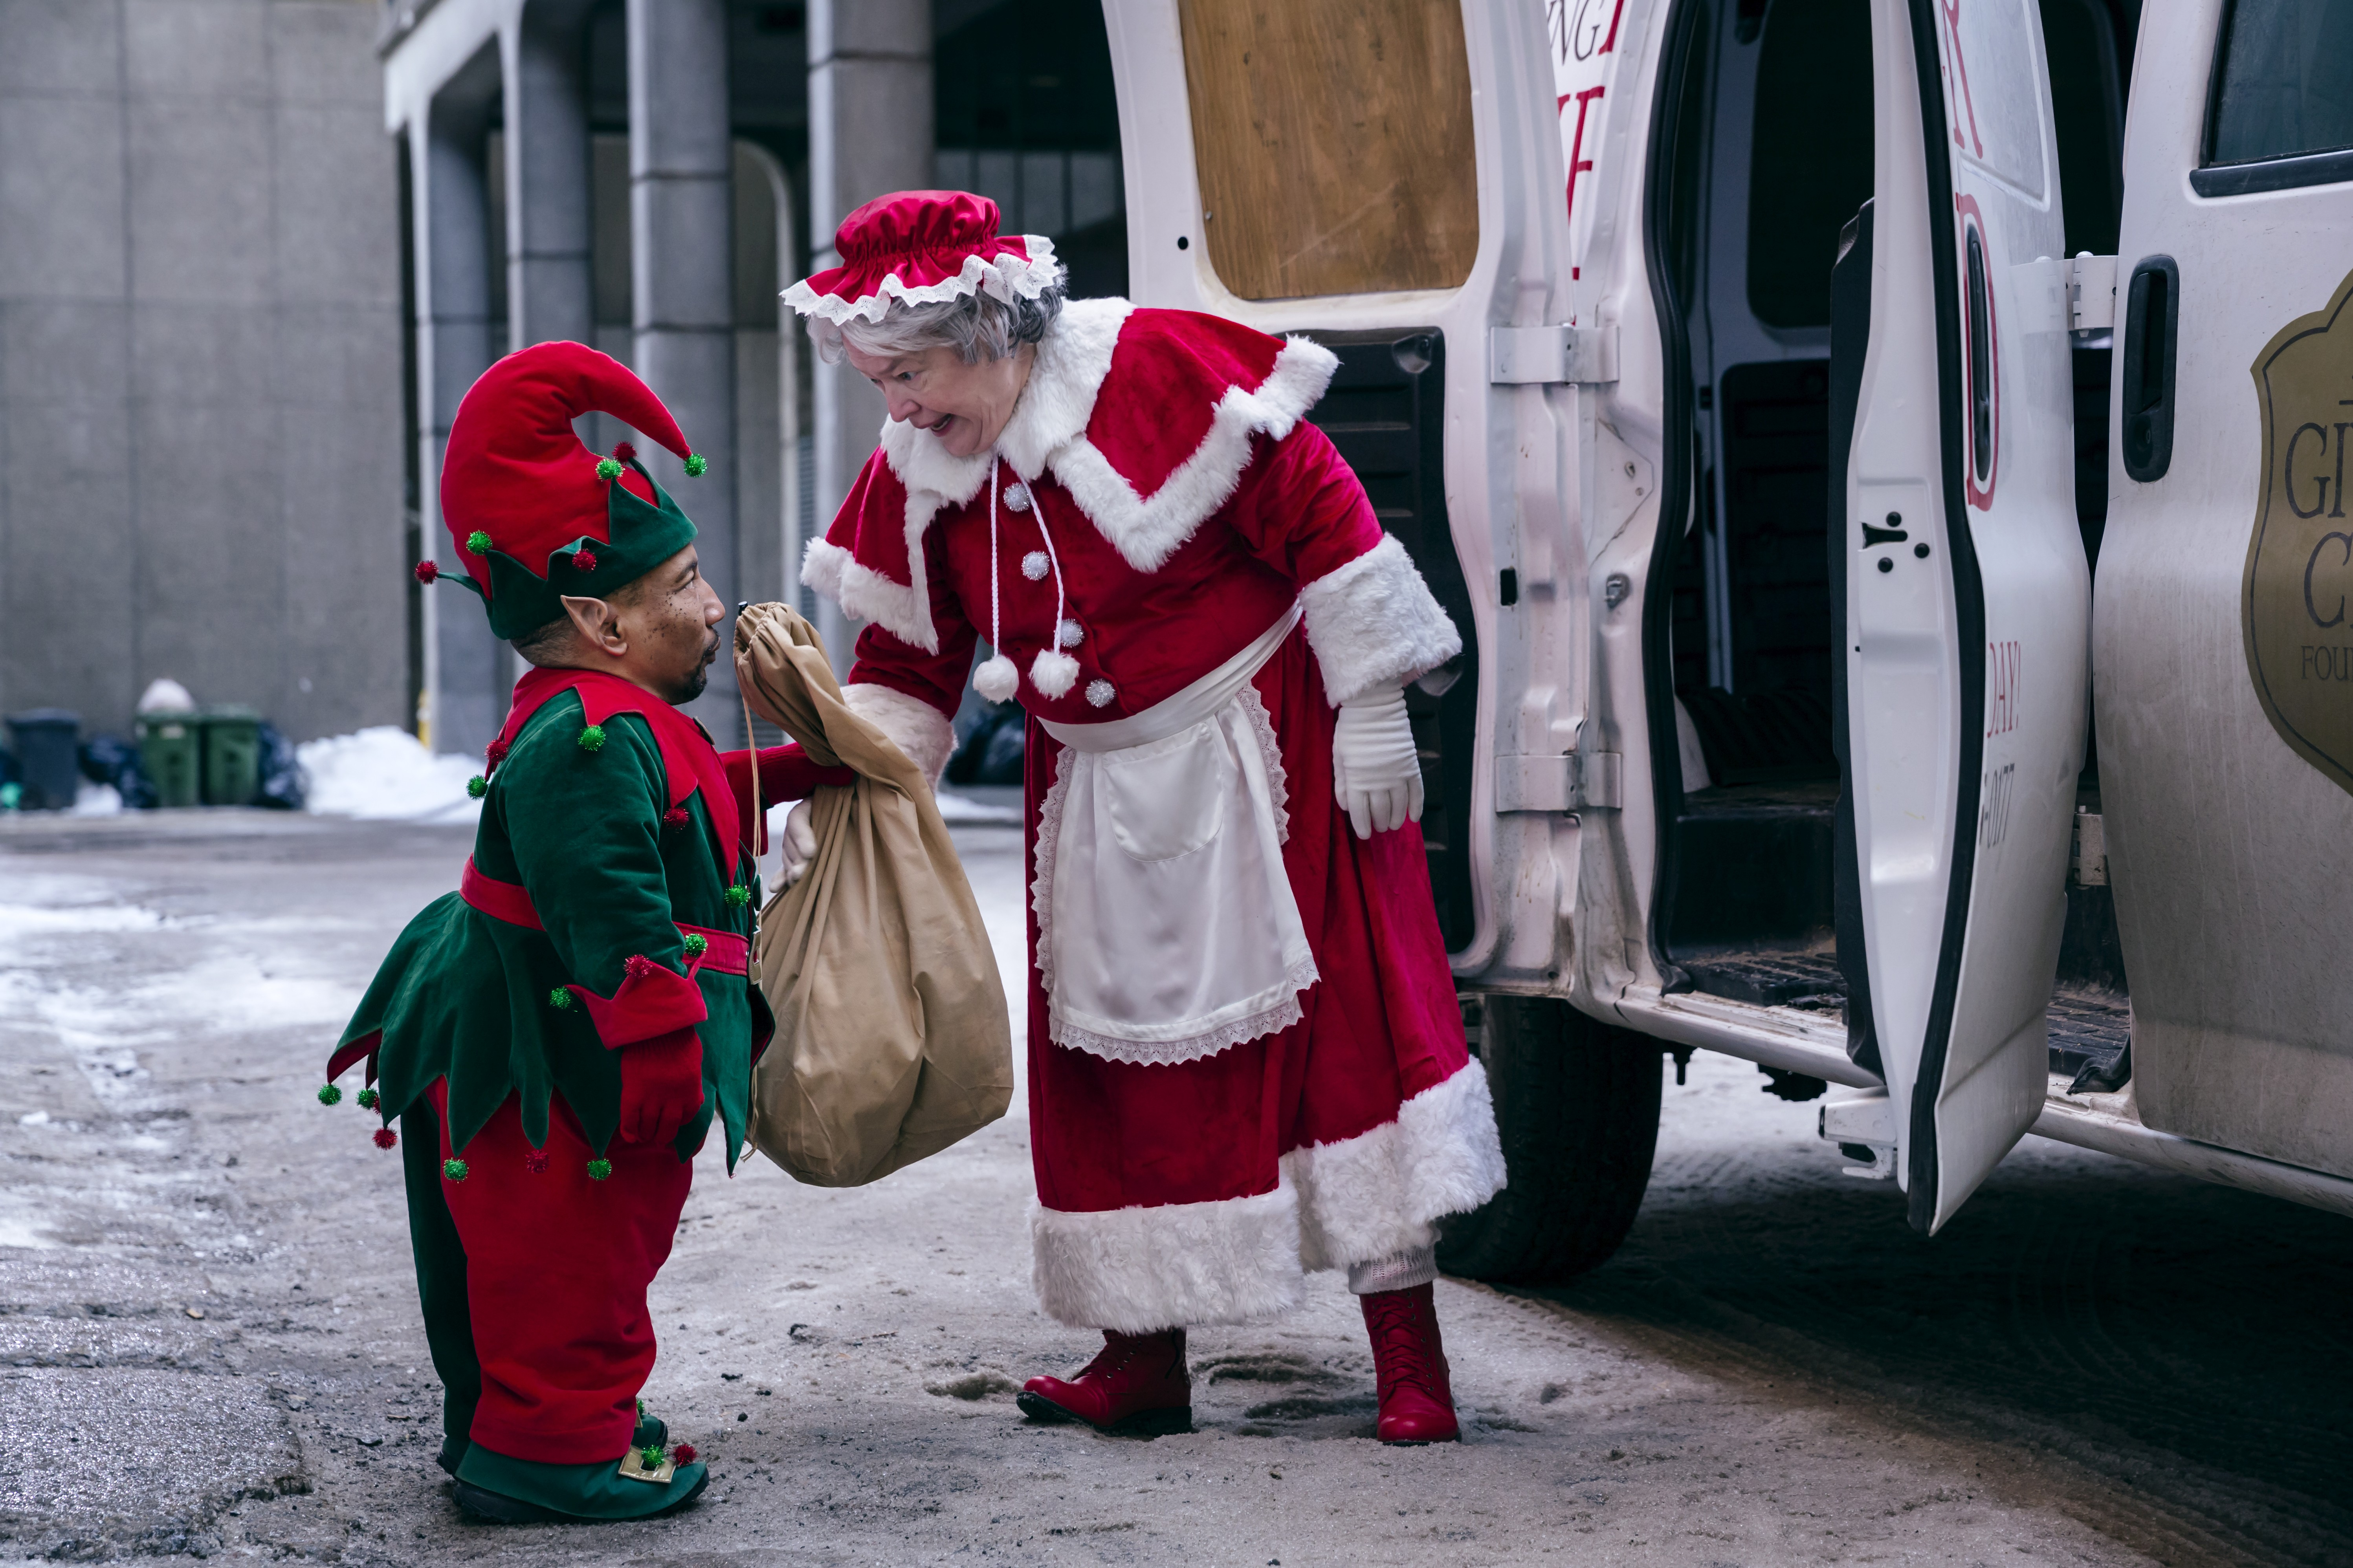 кадры из фильма Плохой Санта 2 Тони Кокс, Кэти Бэйтс,